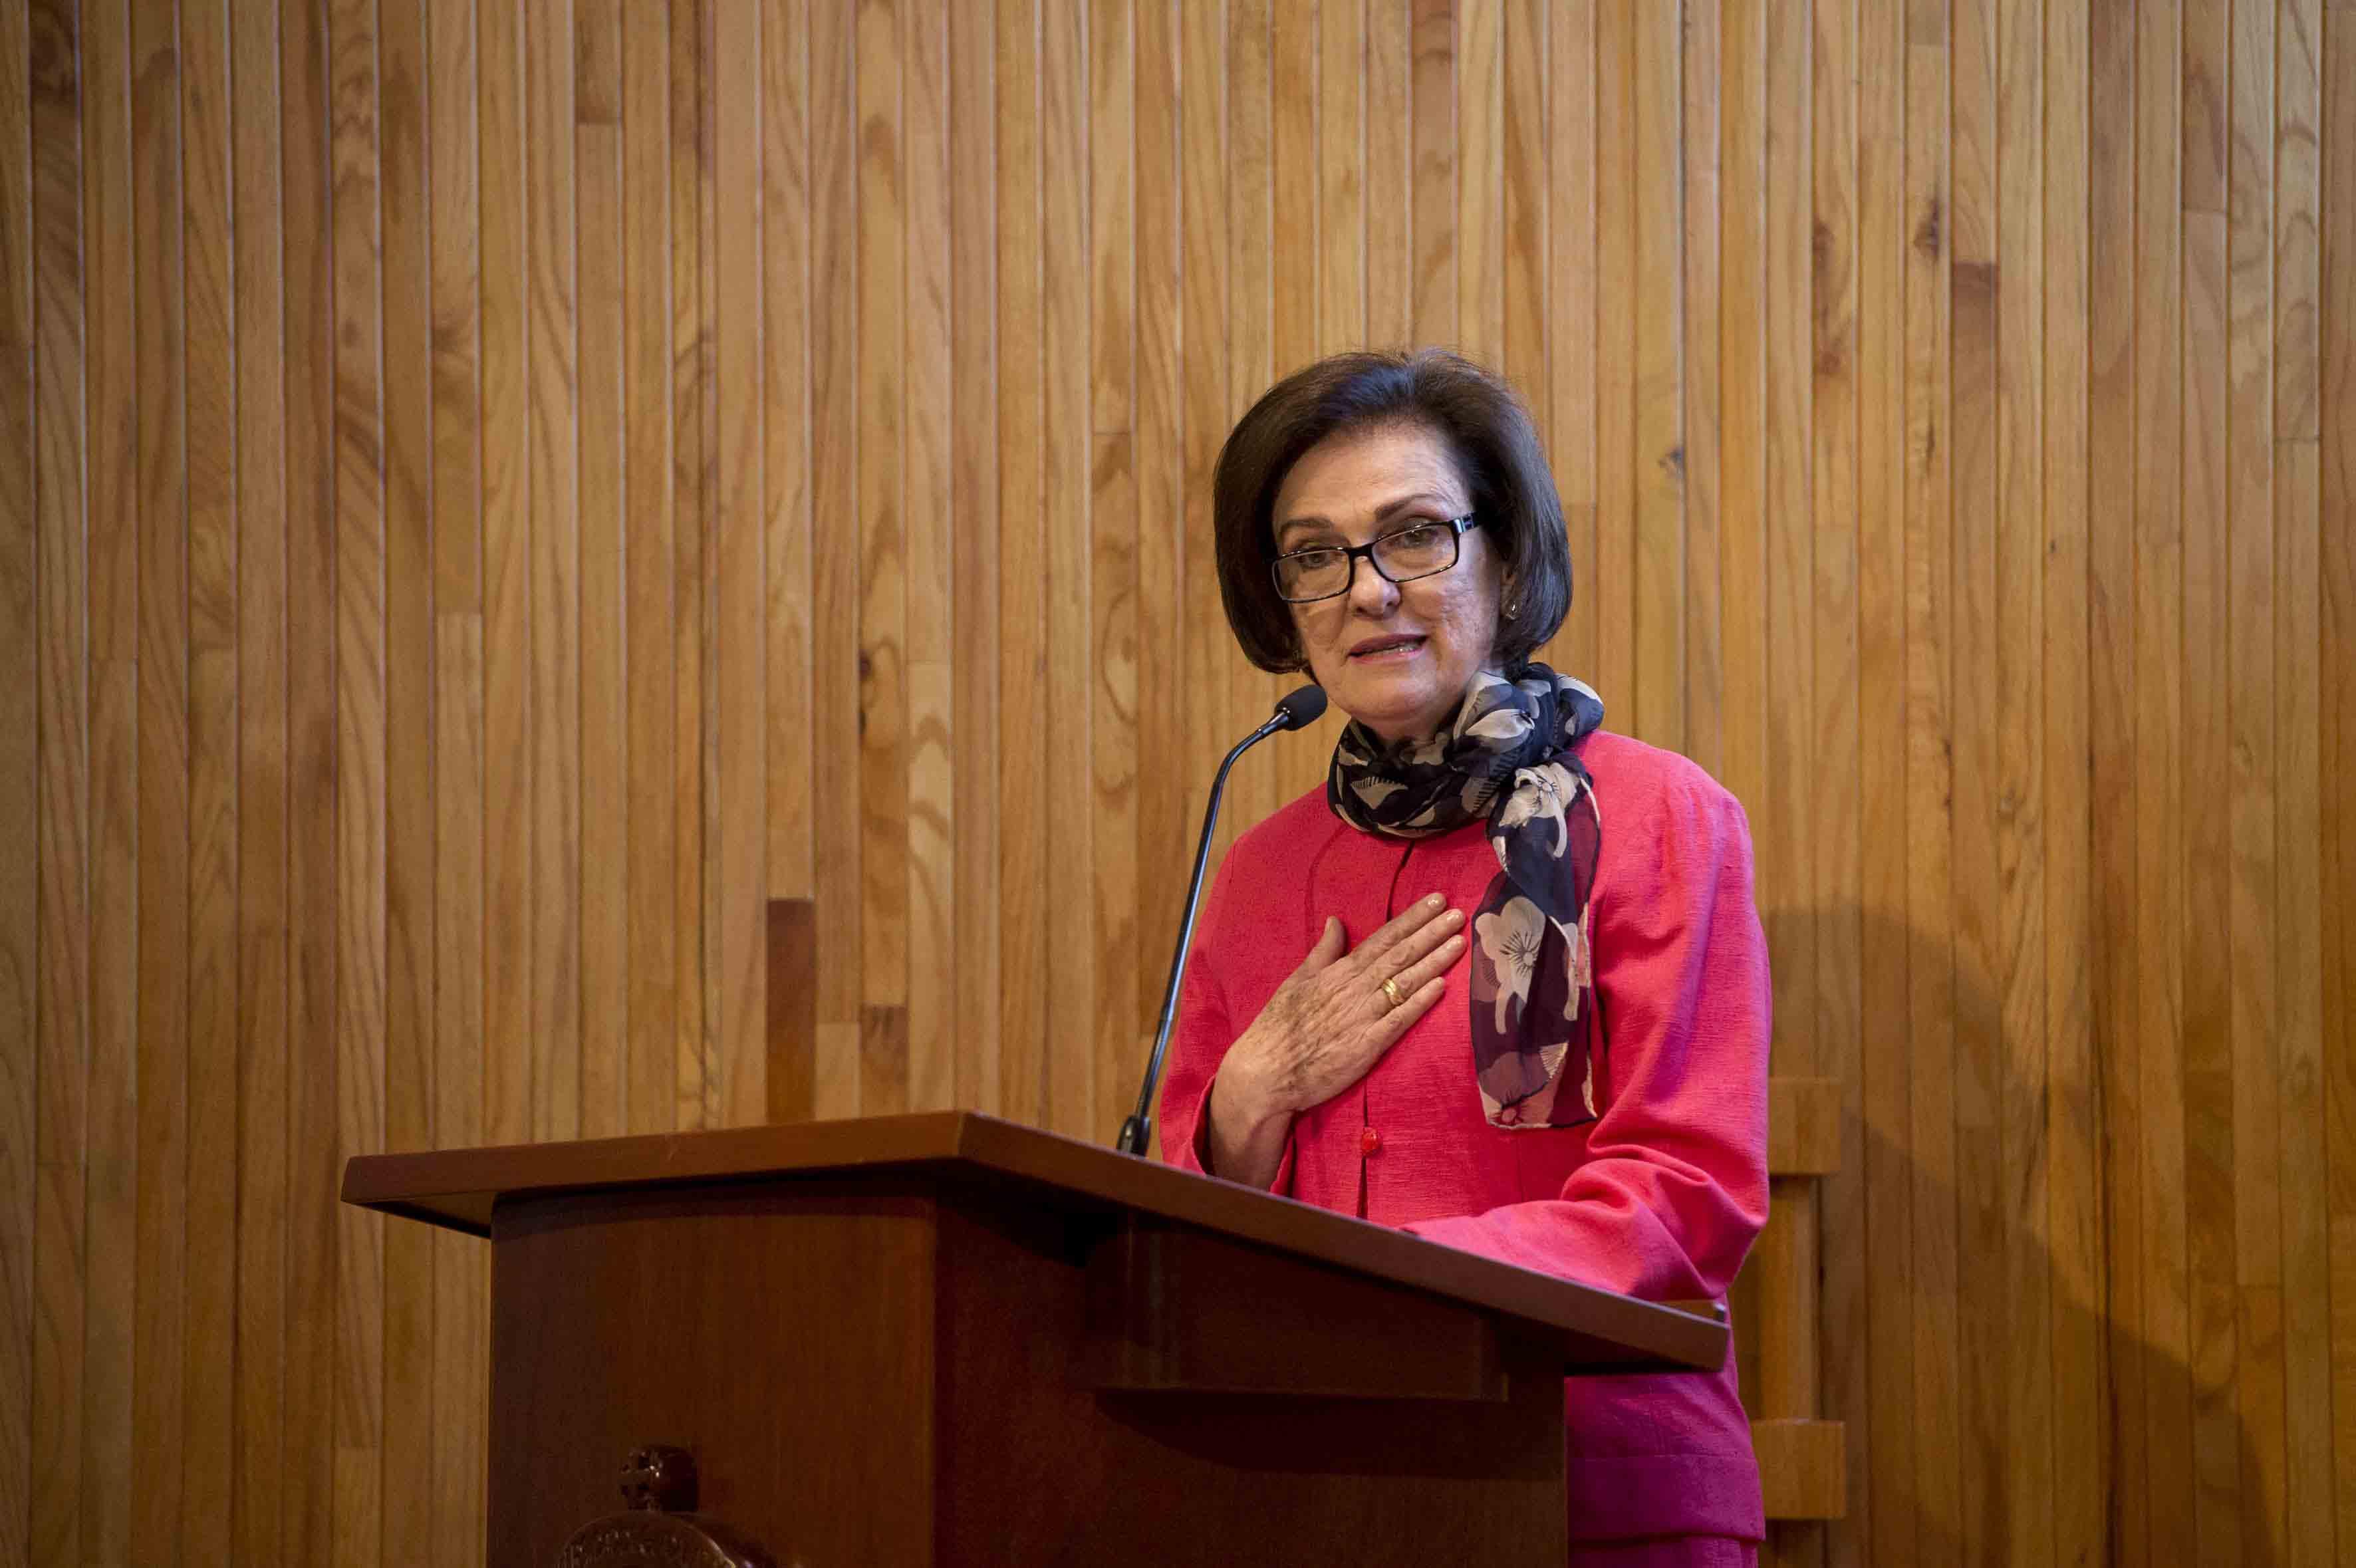 doctora Esmeralda Matute Villaseñor, hija del ingeniero Jorge Matute Remus, haciendo uso de la palabra